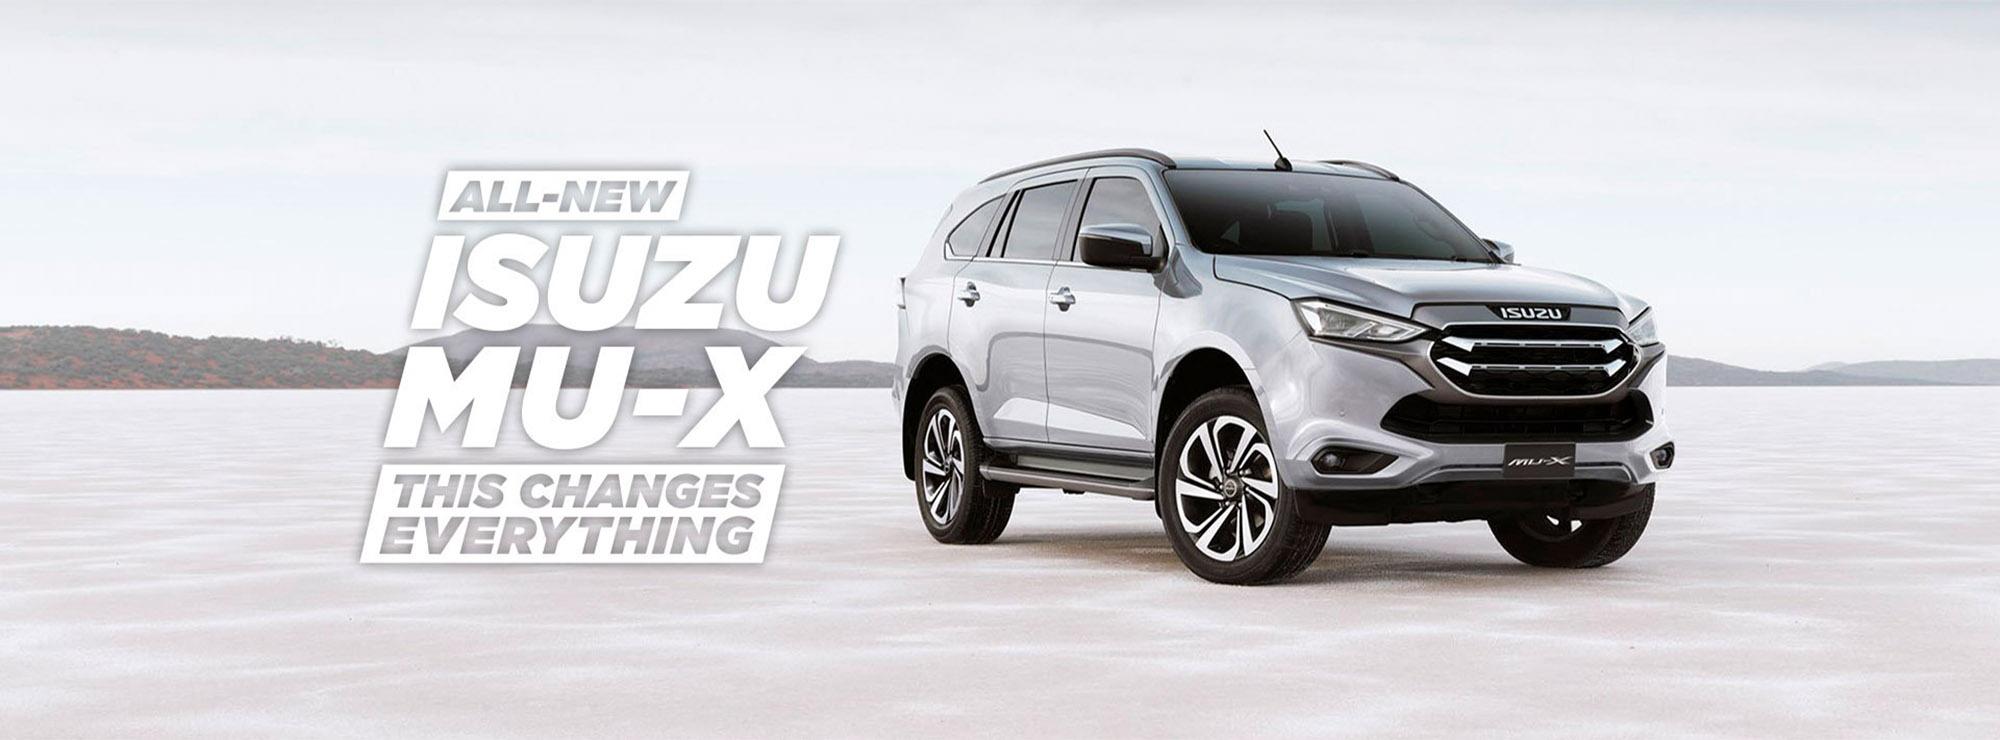 Isuzu UTE new MU-X homepage banner_May21 An